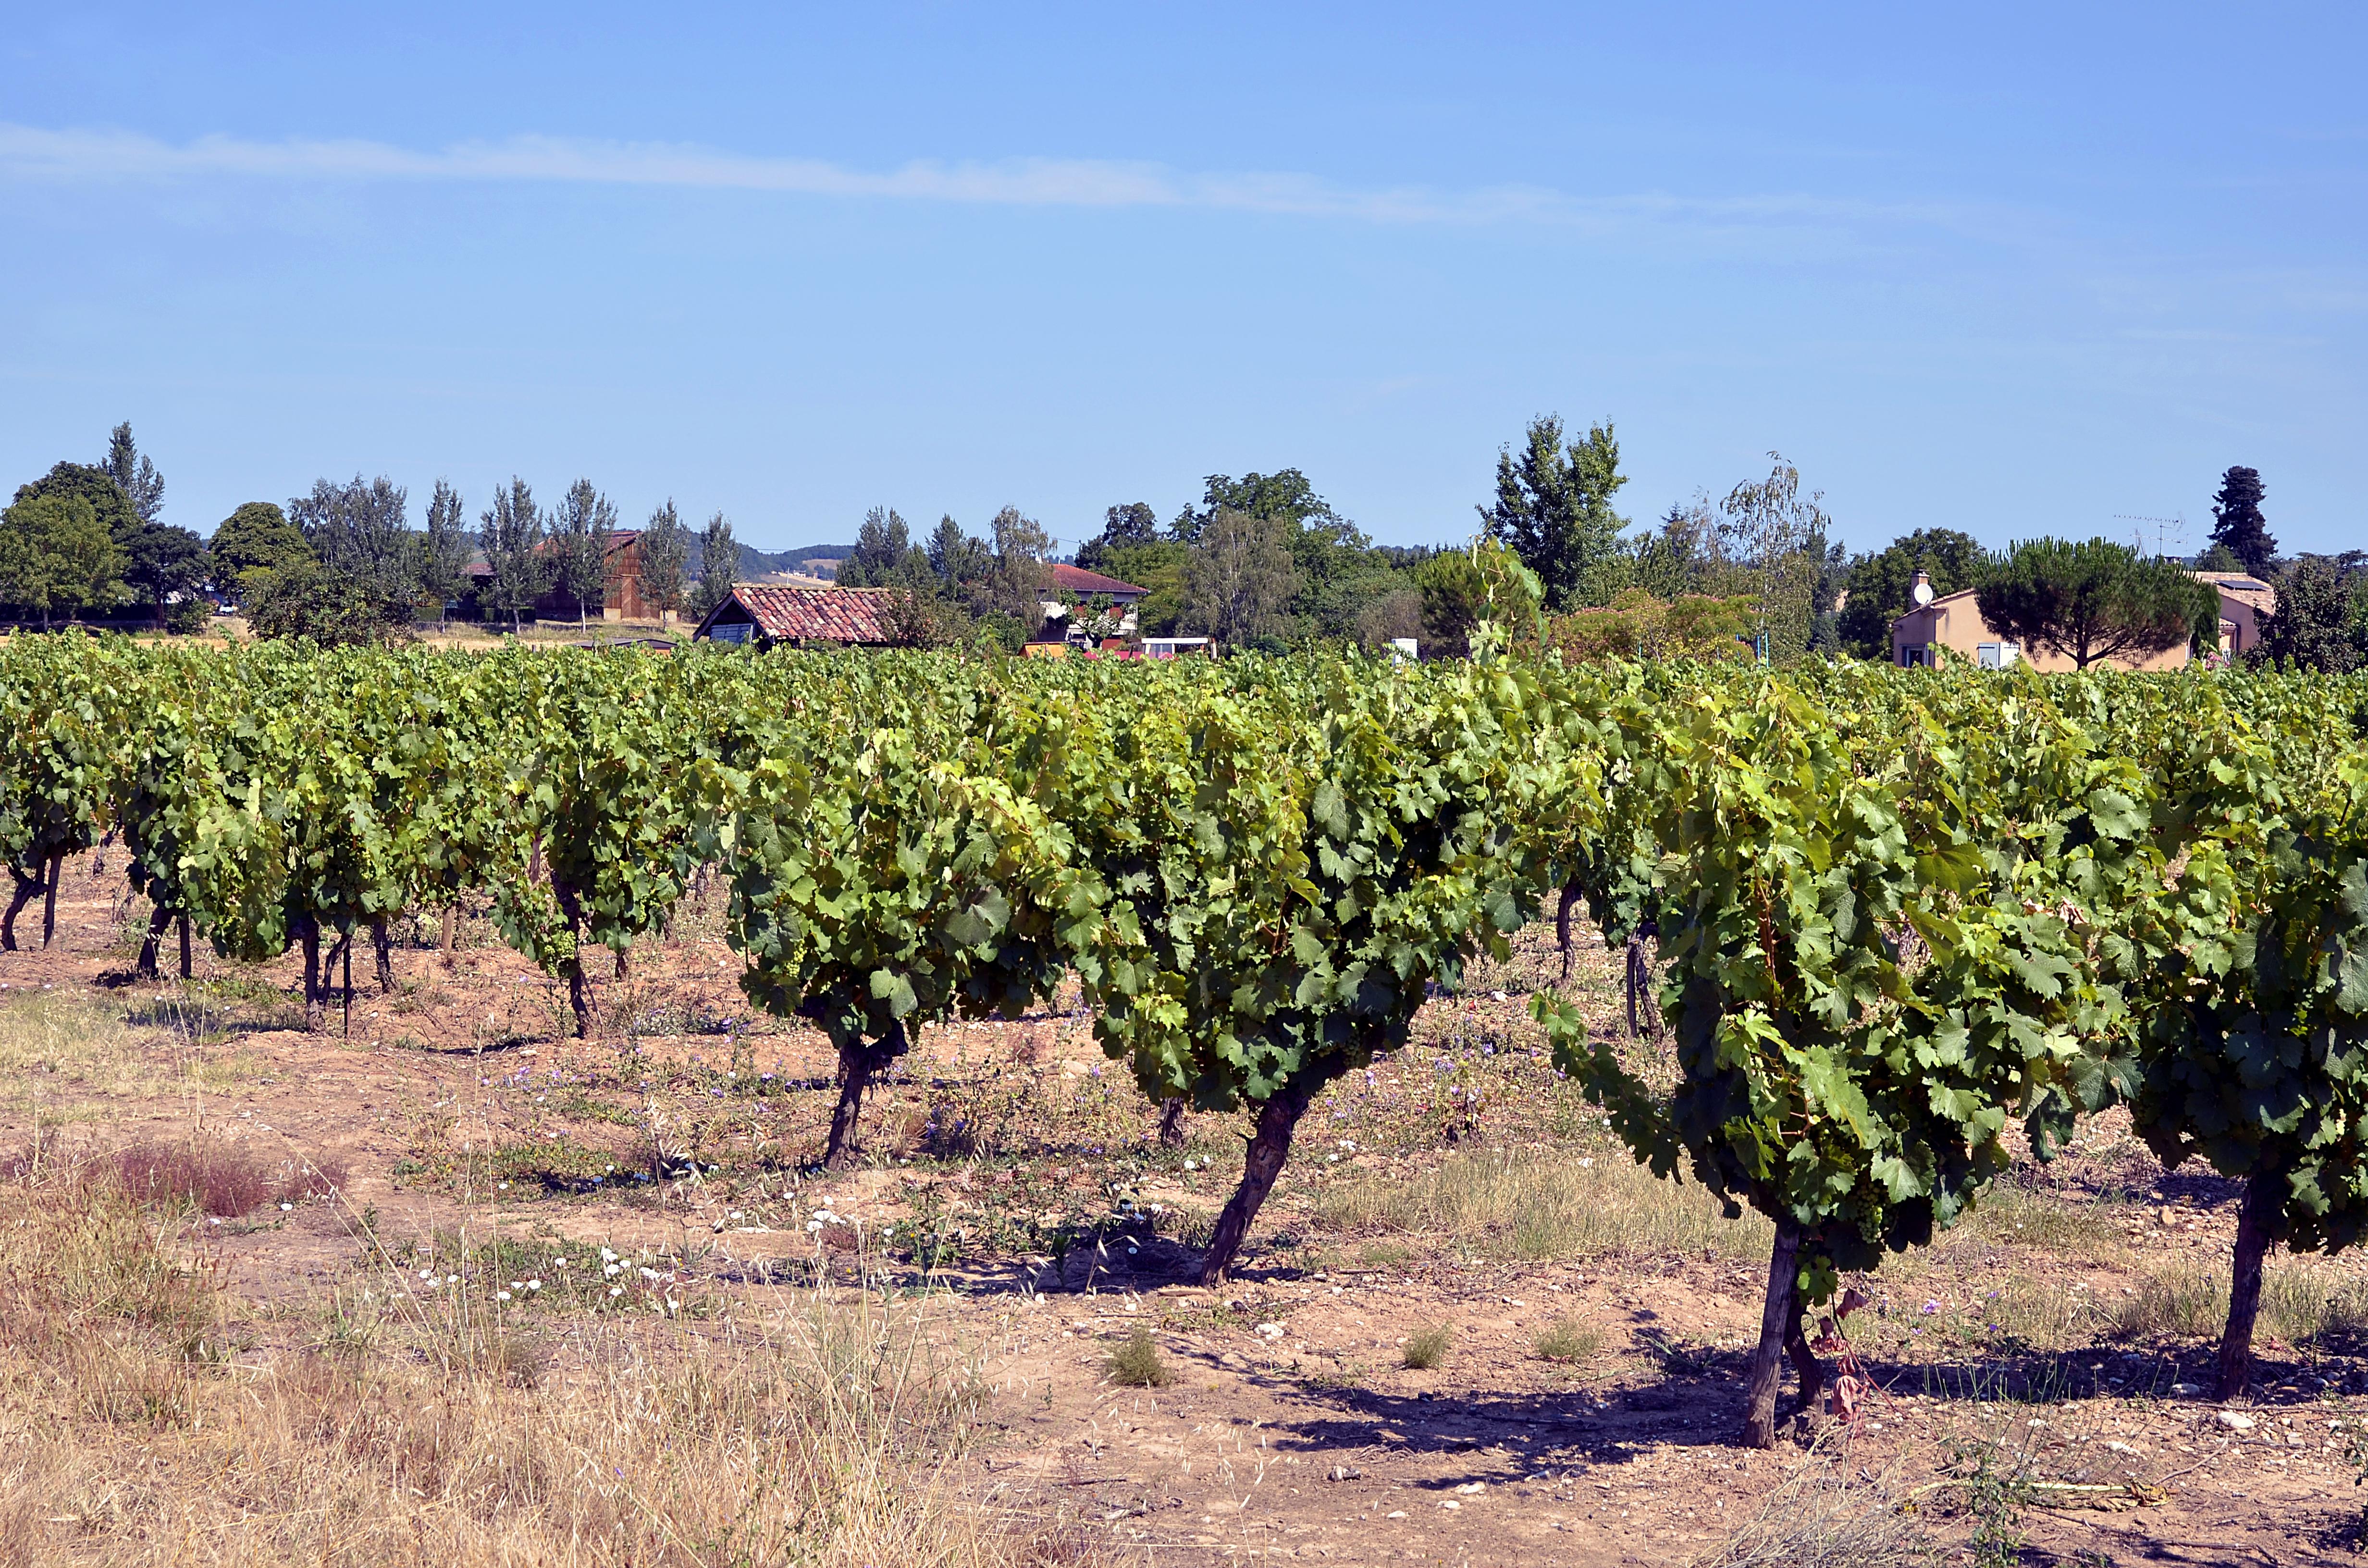 Prueba un auténtico vino francés en Gaillac - Francia Circuito Sur de Francia: de Aviñón a Toulouse